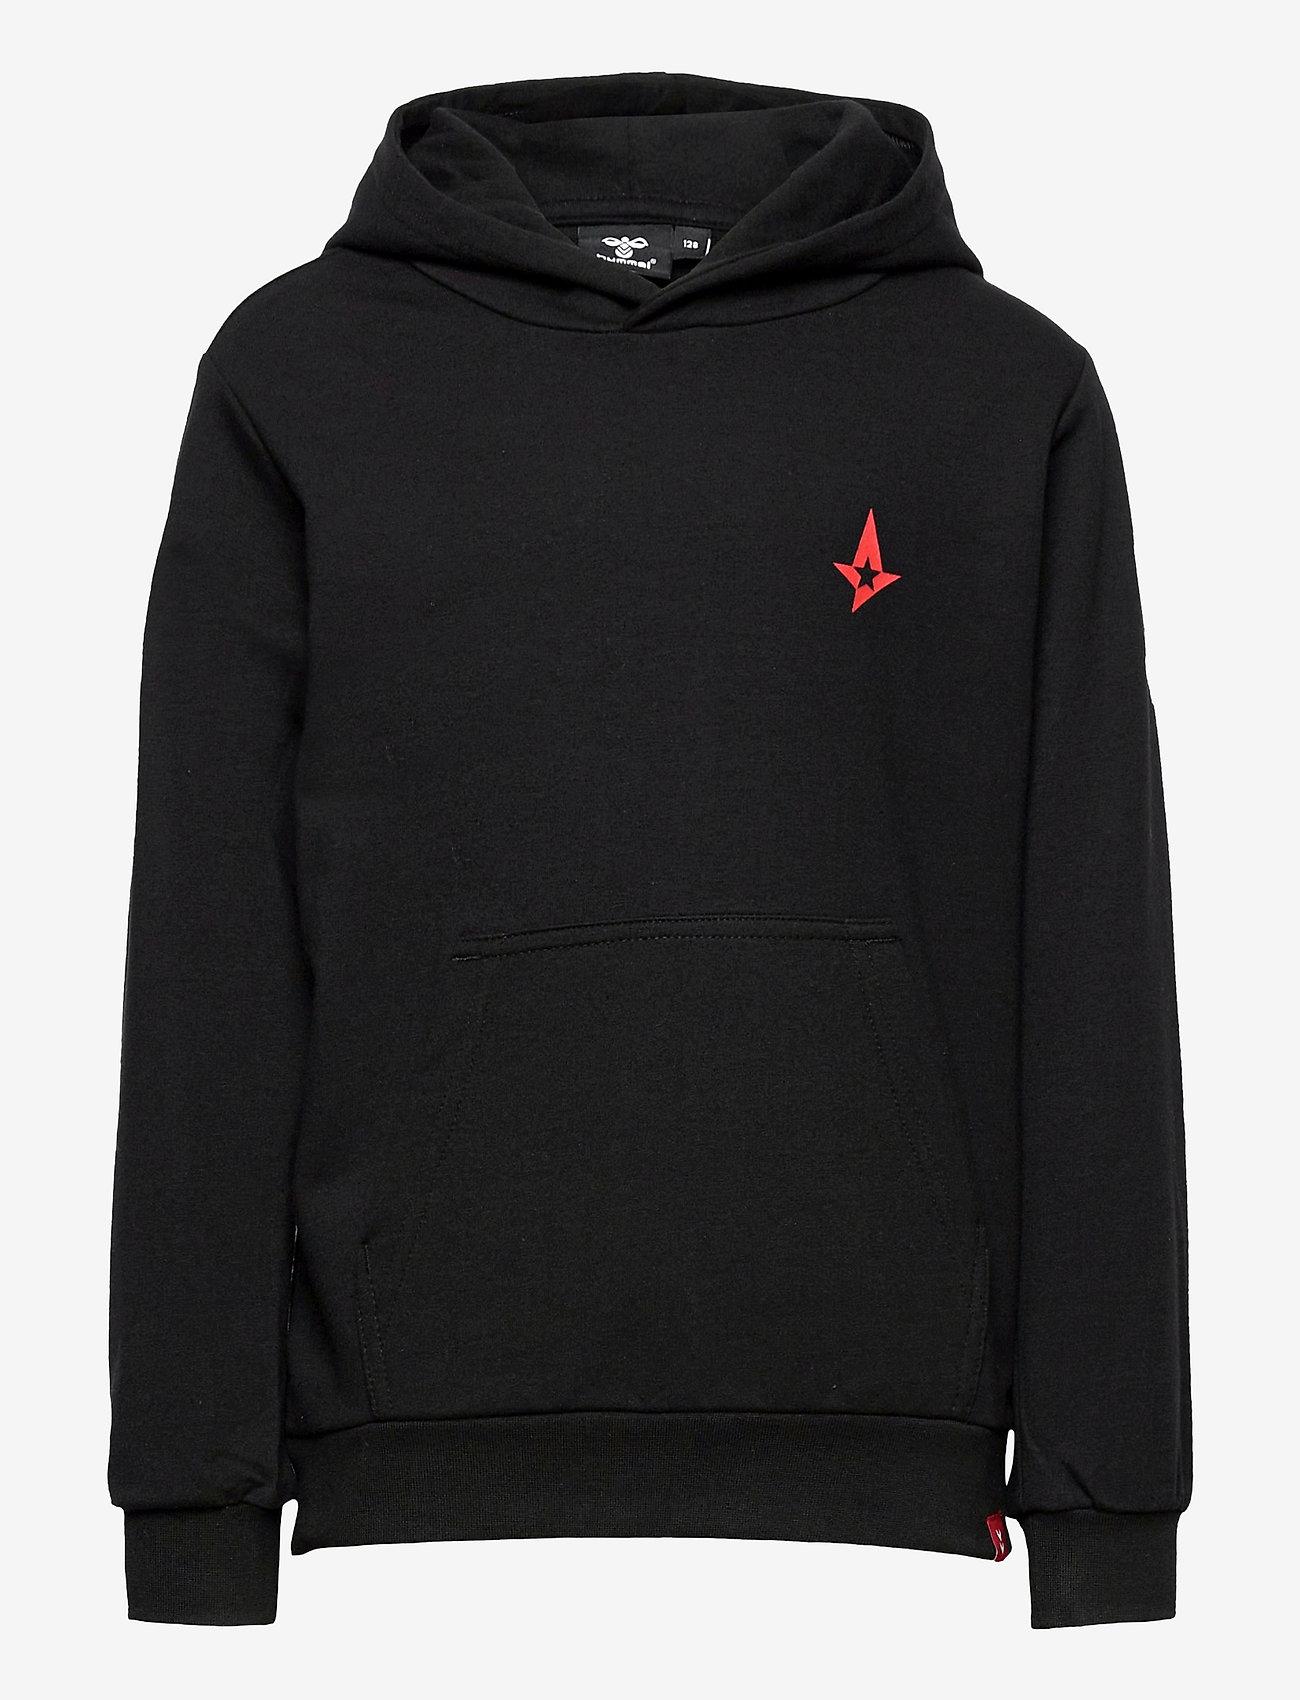 Hummel - hmlASTRALIS CUATRO HOODIE - hoodies - black - 0